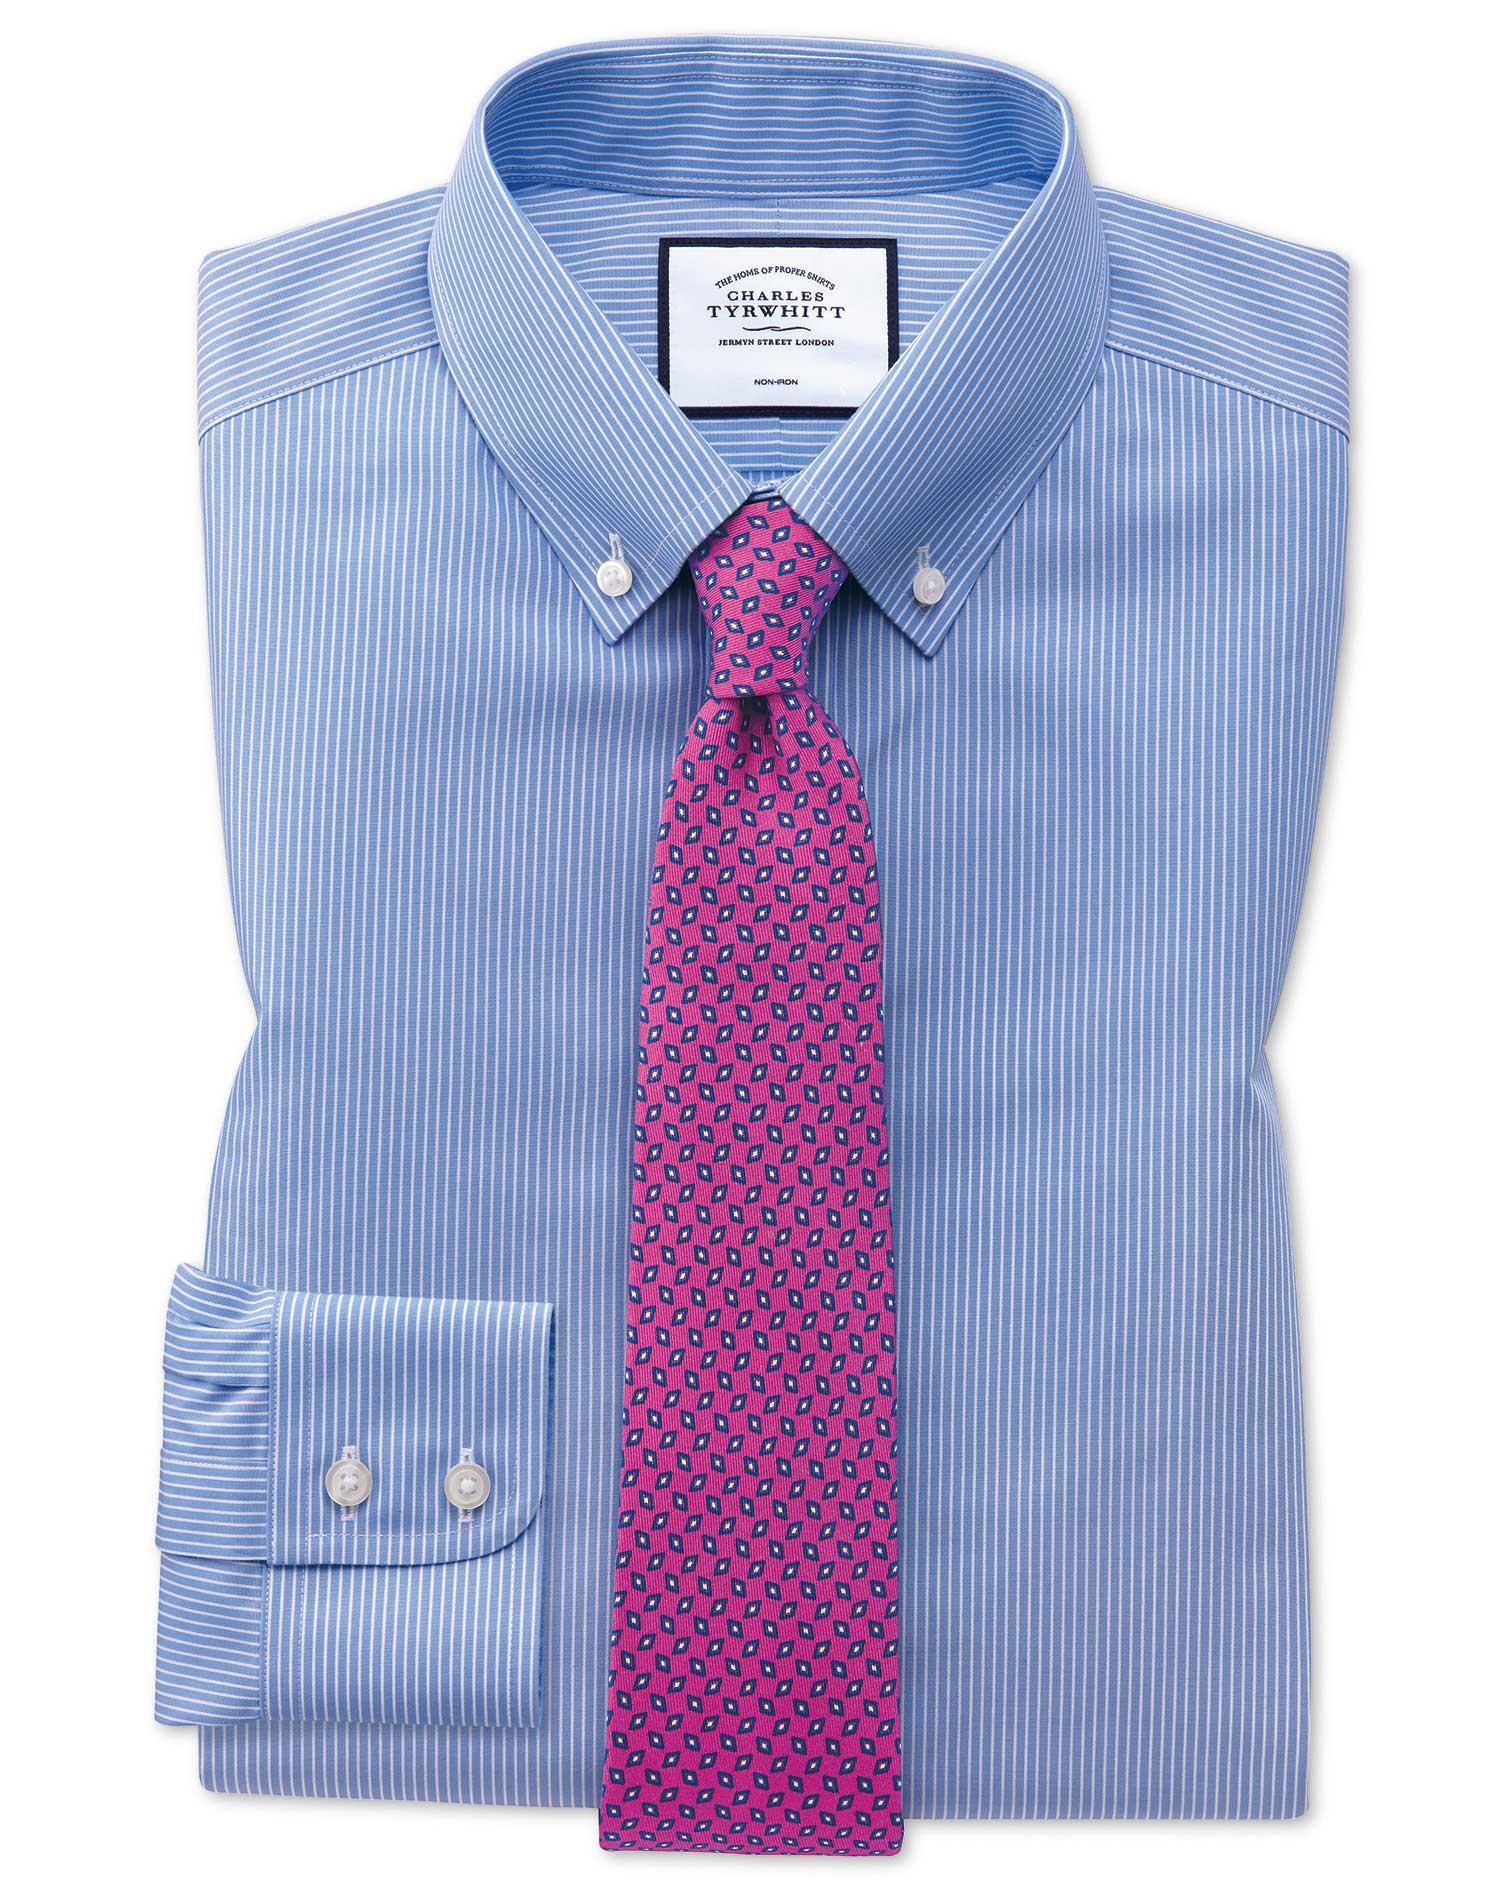 Bügelfreies Extra Slim Fit Button-down-Hemd mit Streifenmuster in Blau und Weiß Knopfmanschette